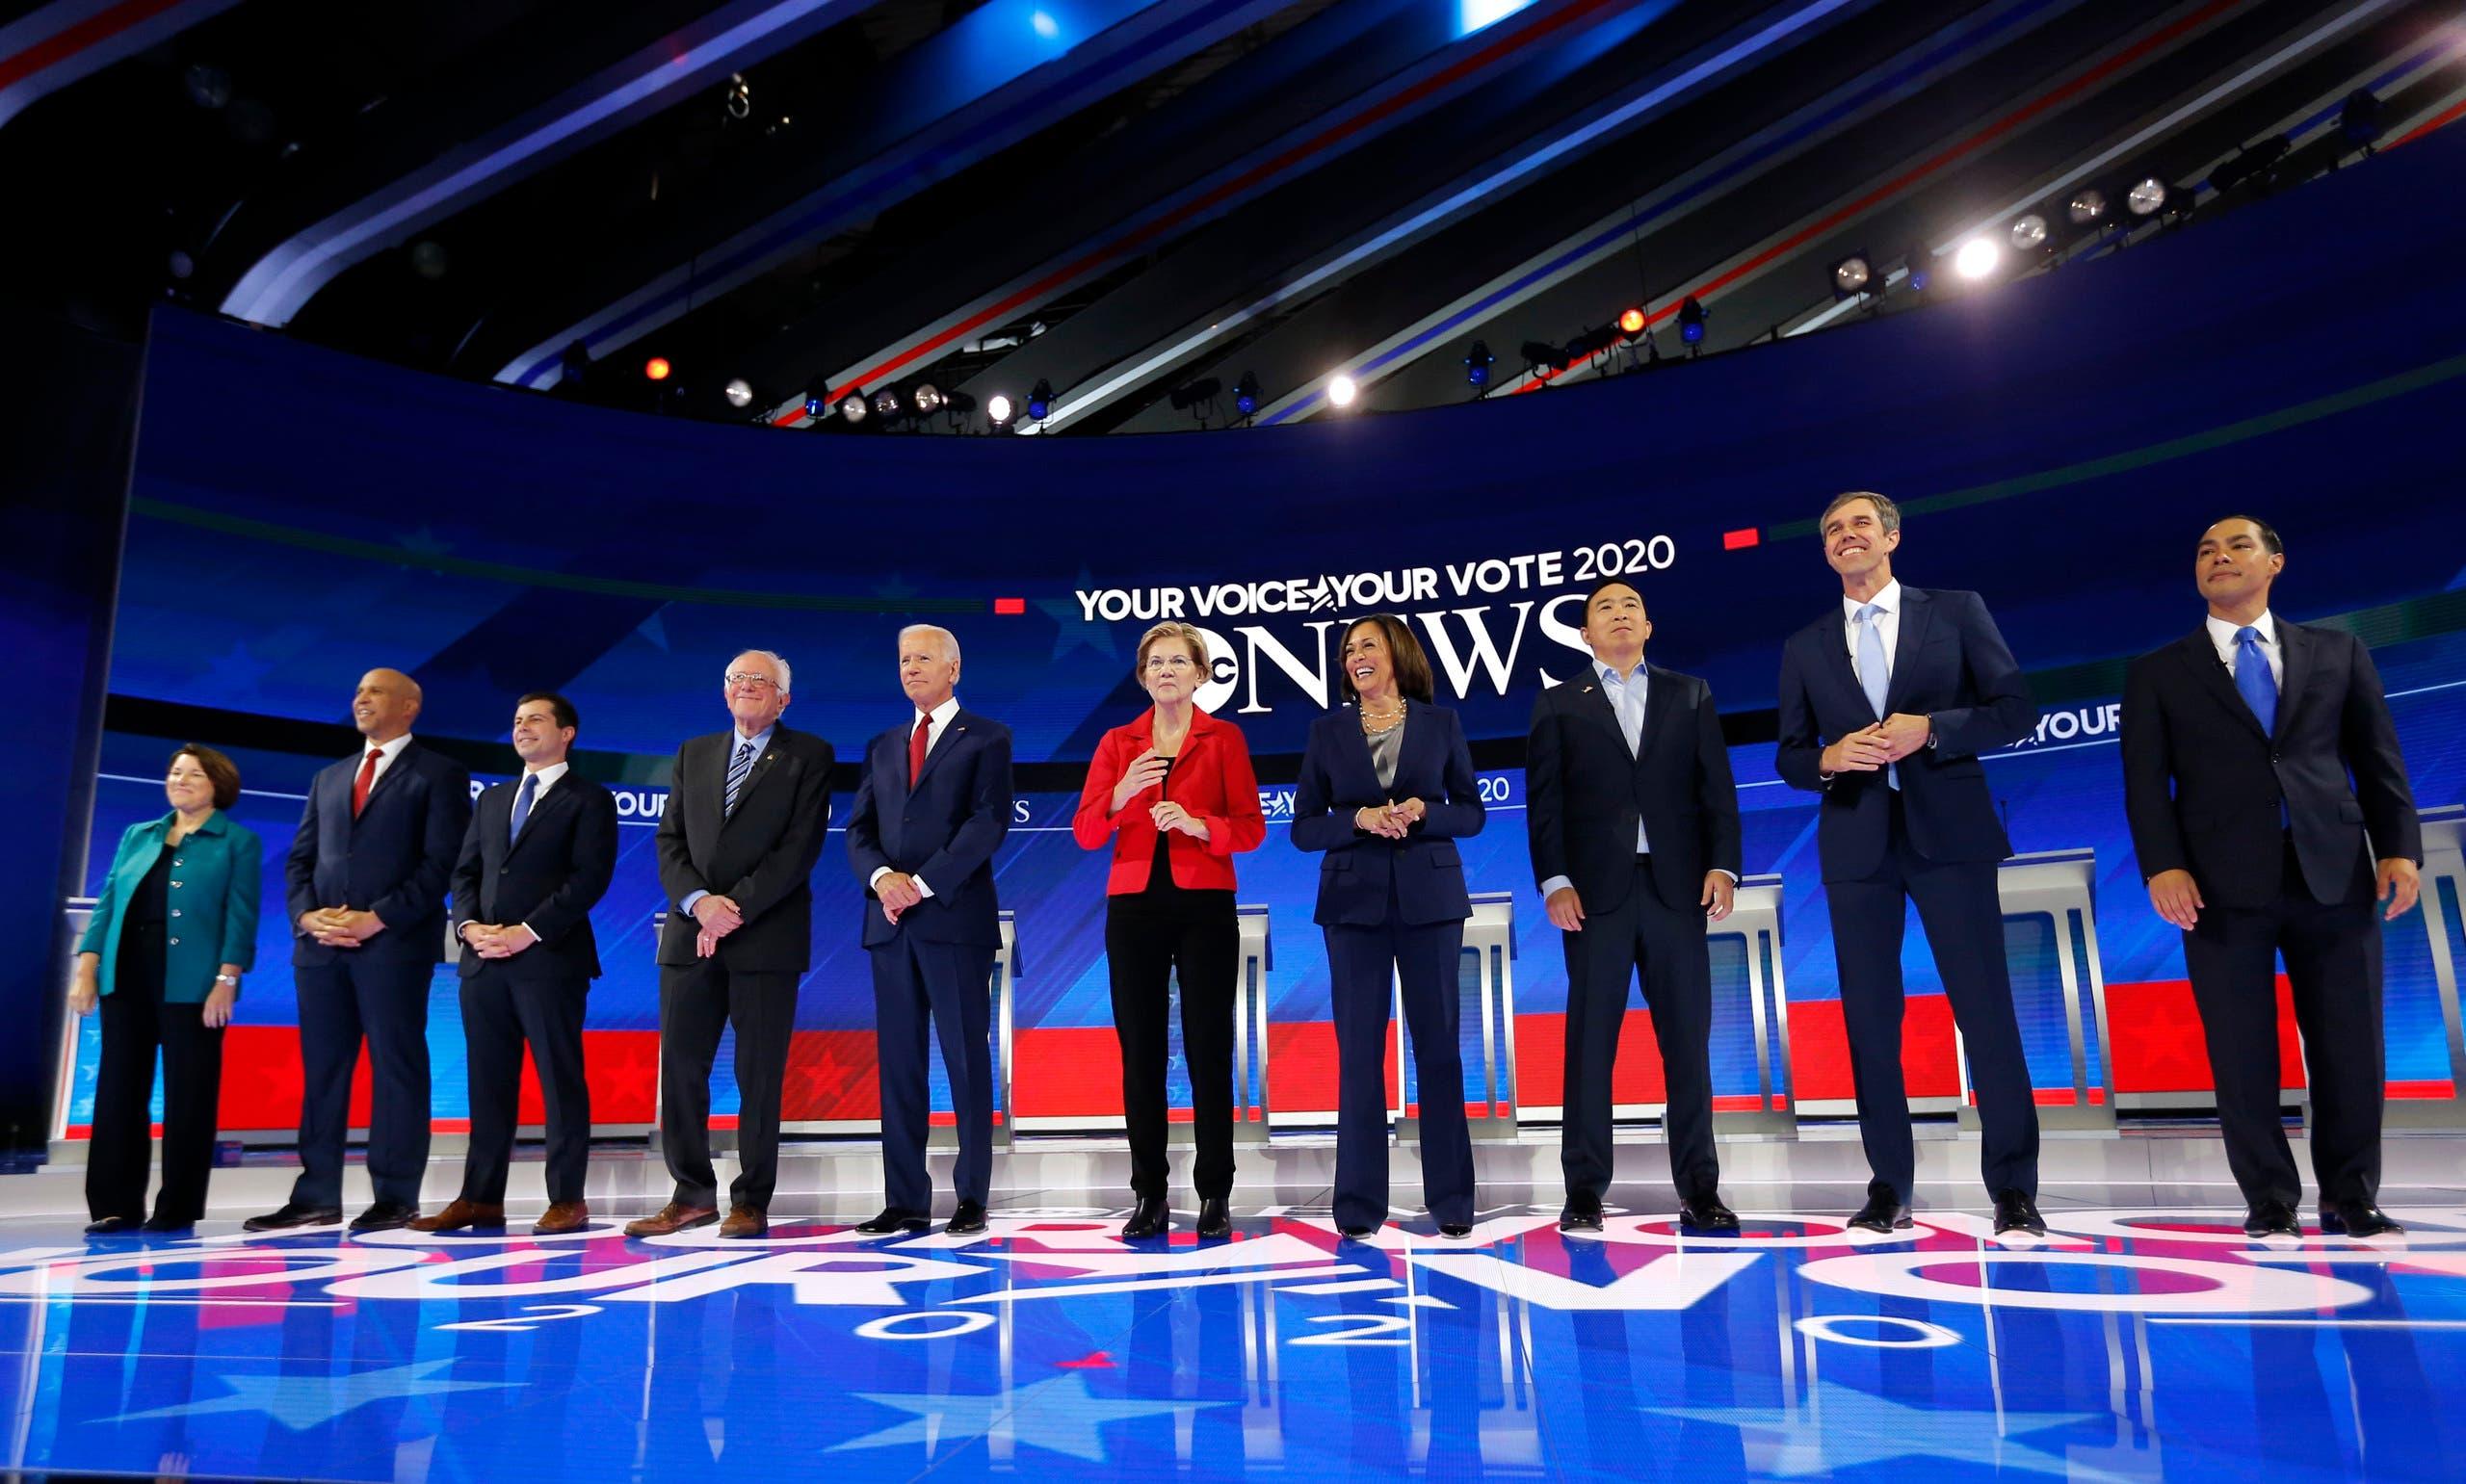 أول مناظرة ديمقراطية